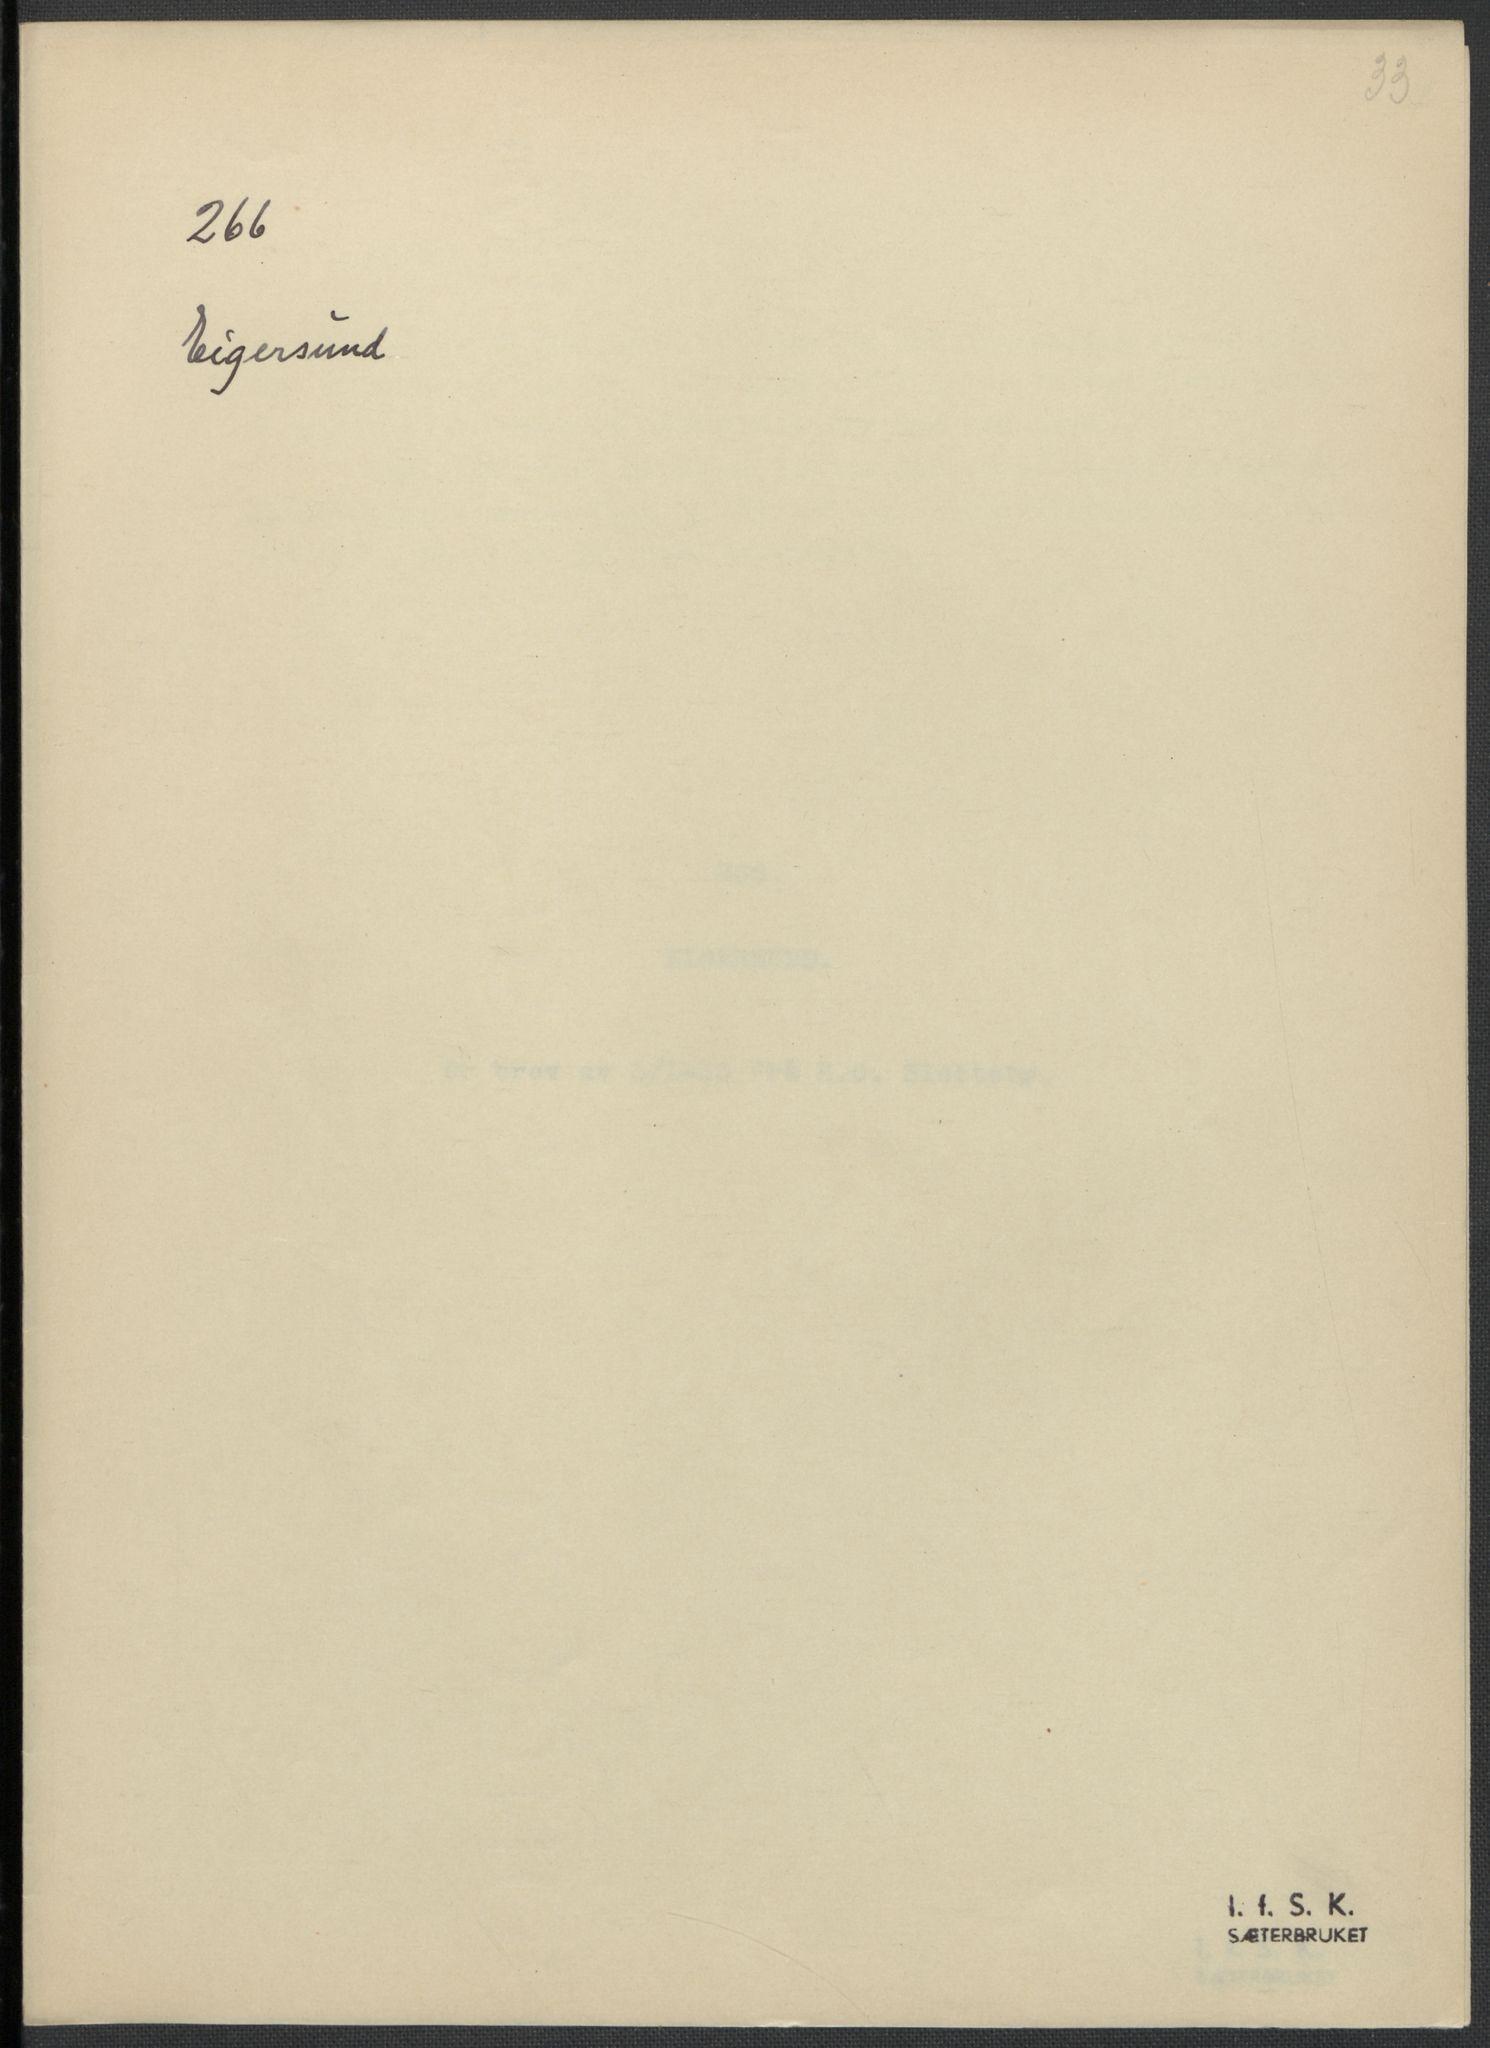 RA, Instituttet for sammenlignende kulturforskning, F/Fc/L0009: Eske B9:, 1932-1935, s. 33